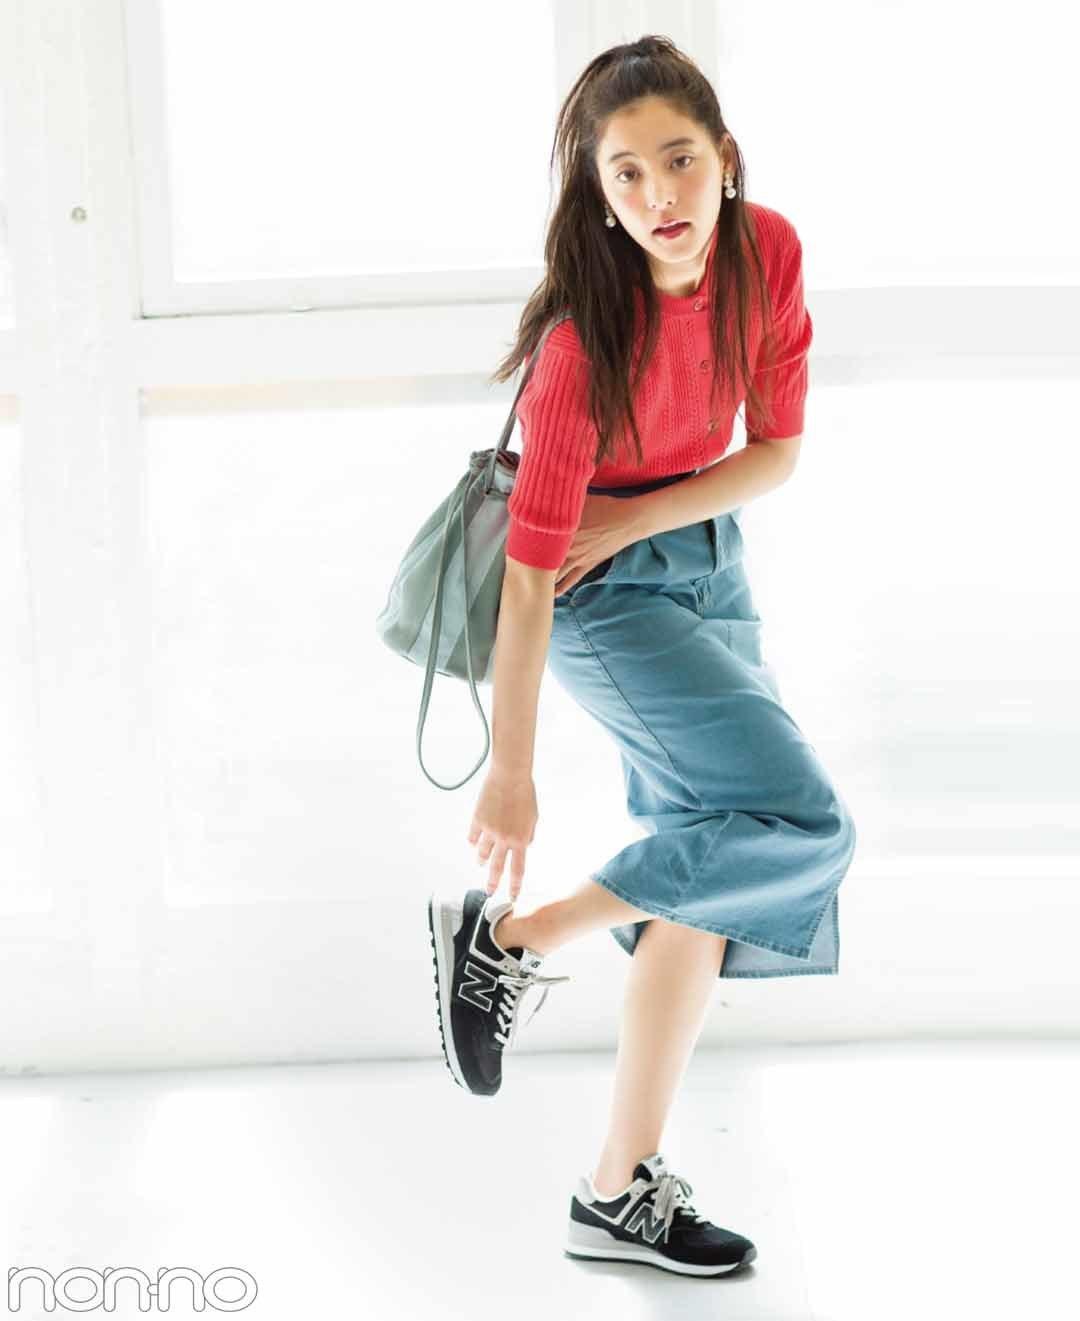 【夏のデニムコーデ】新木優子の大人見え確実のブラックスニーカー×デニムスカートでこなれカジュアルコーデ